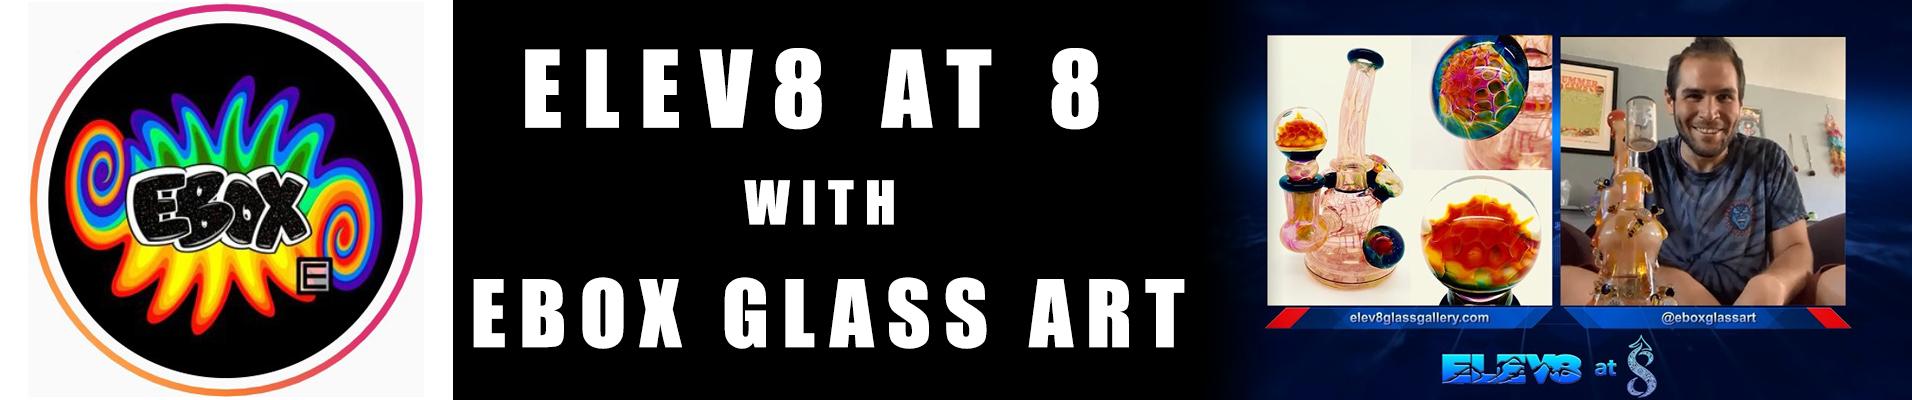 ebox-glass-art.jpg